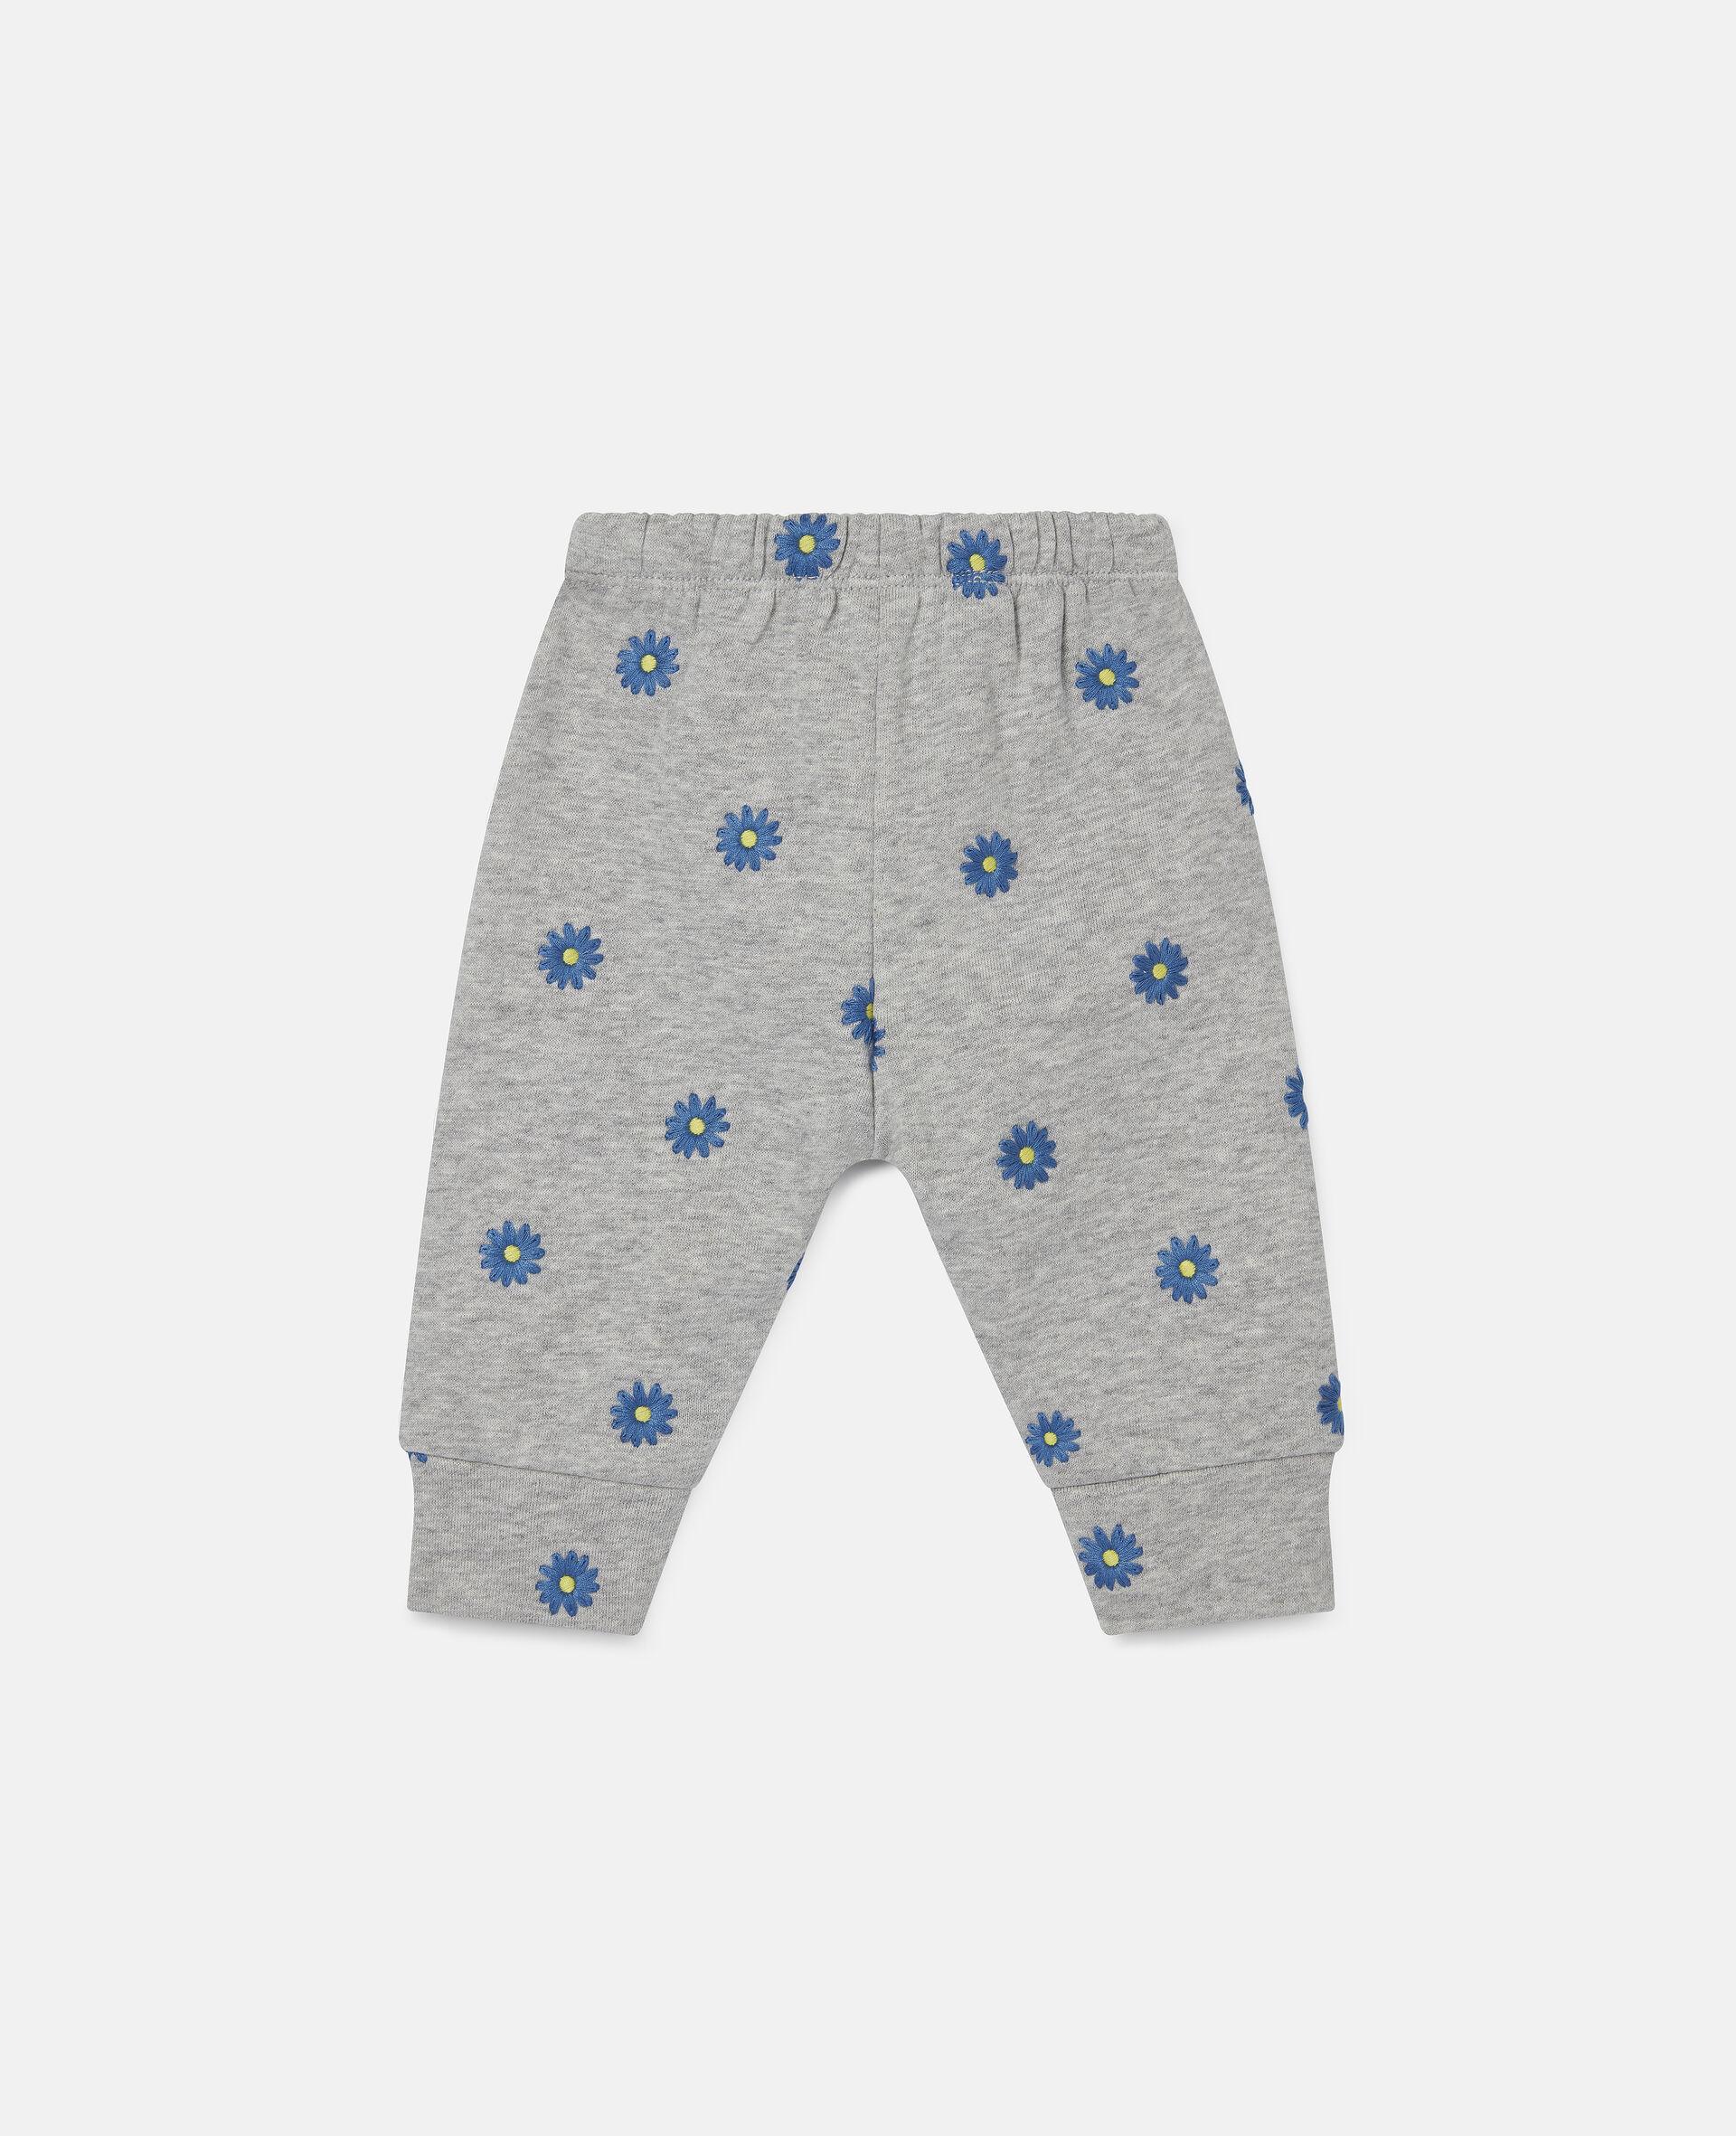 Pantalon de jogging en polaire de coton à marguerites brodées-Gris-large image number 3